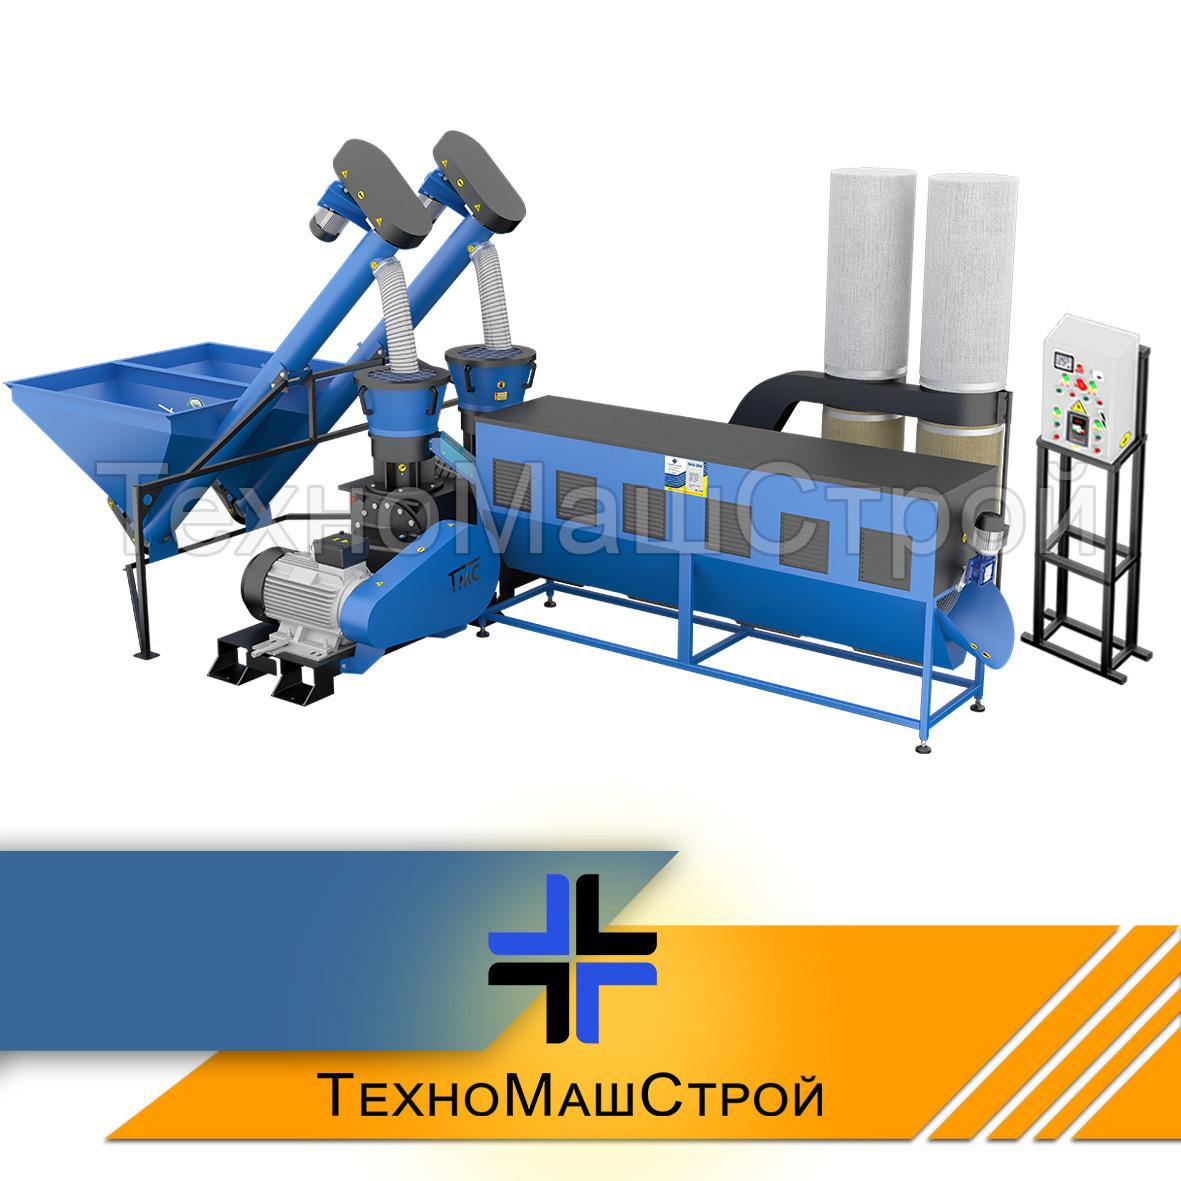 Оборудование для производства пеллет и комбикорма МЛГ-1000 DUO (производительность 1400 кг\час)